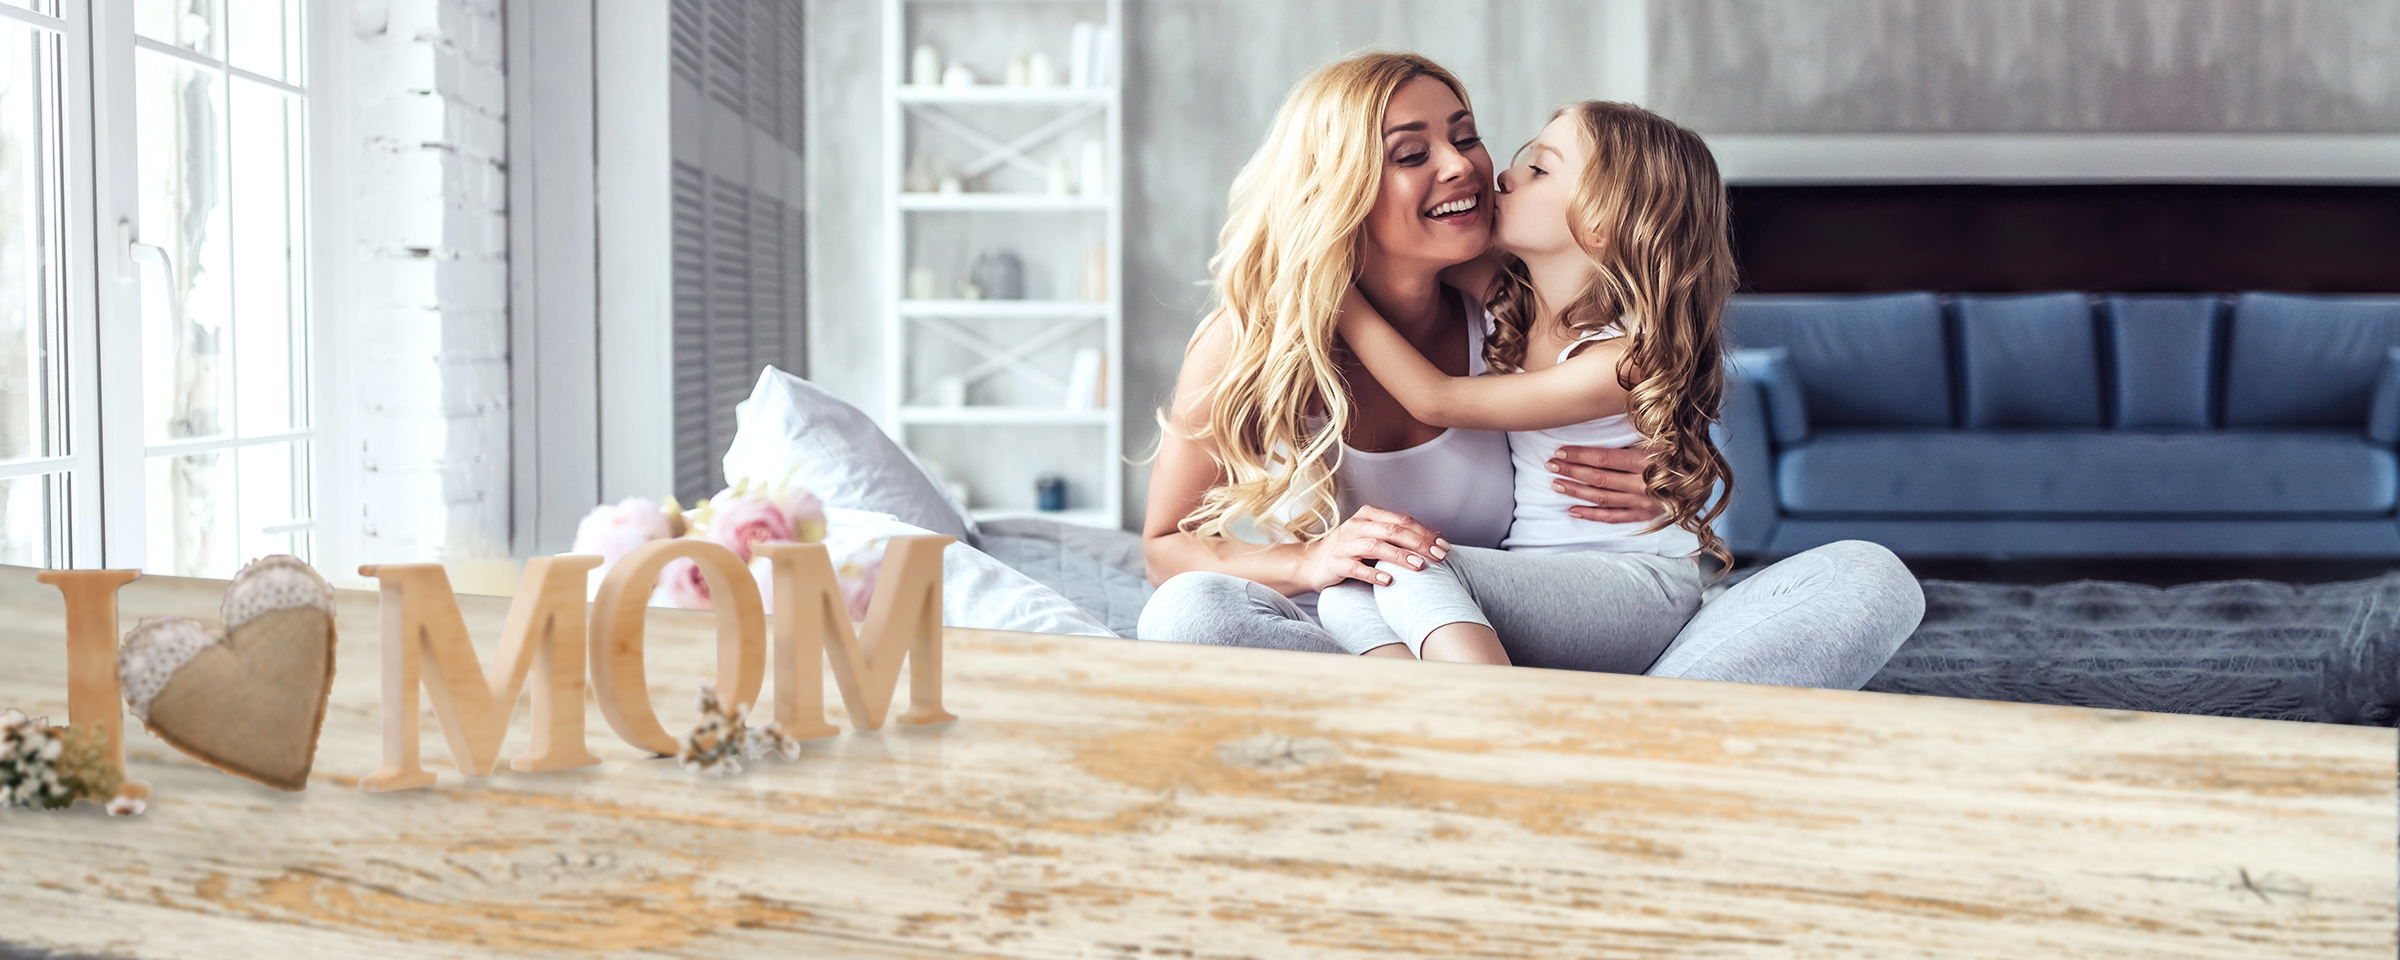 Ideen zum Muttertag: Fotogeschenke DIY